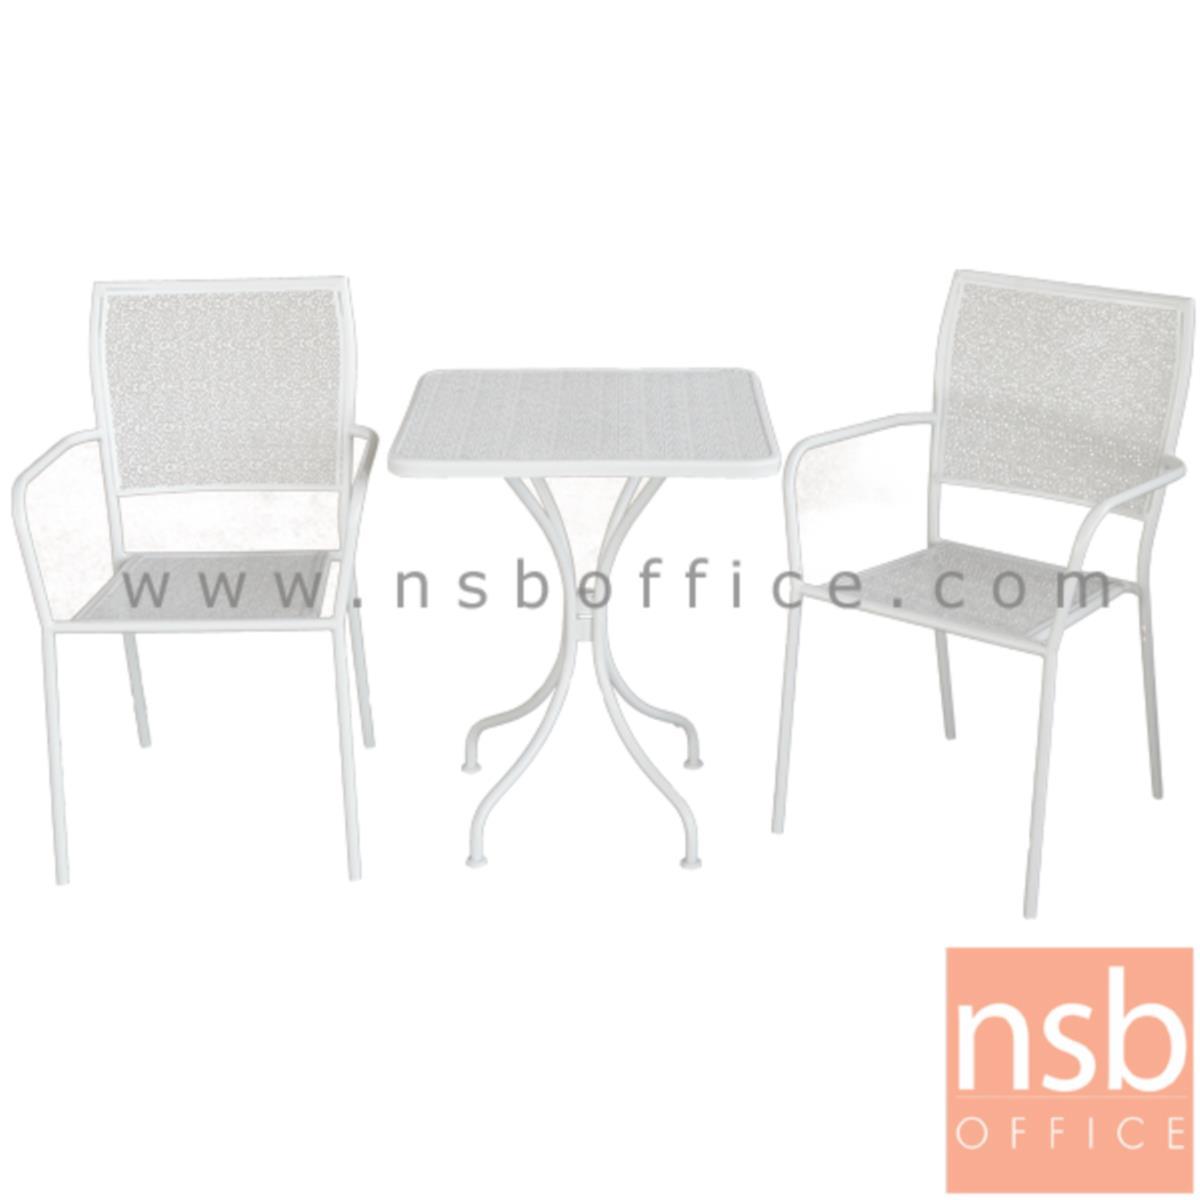 โต๊ะสนามโครงเหล็กหน้าท็อปเหลี่ยม 60W*60D*71H cm. รุ่น WISDOM-01 ขาเหล็กพ่นสี (ไม่รวมเก้าอี้)